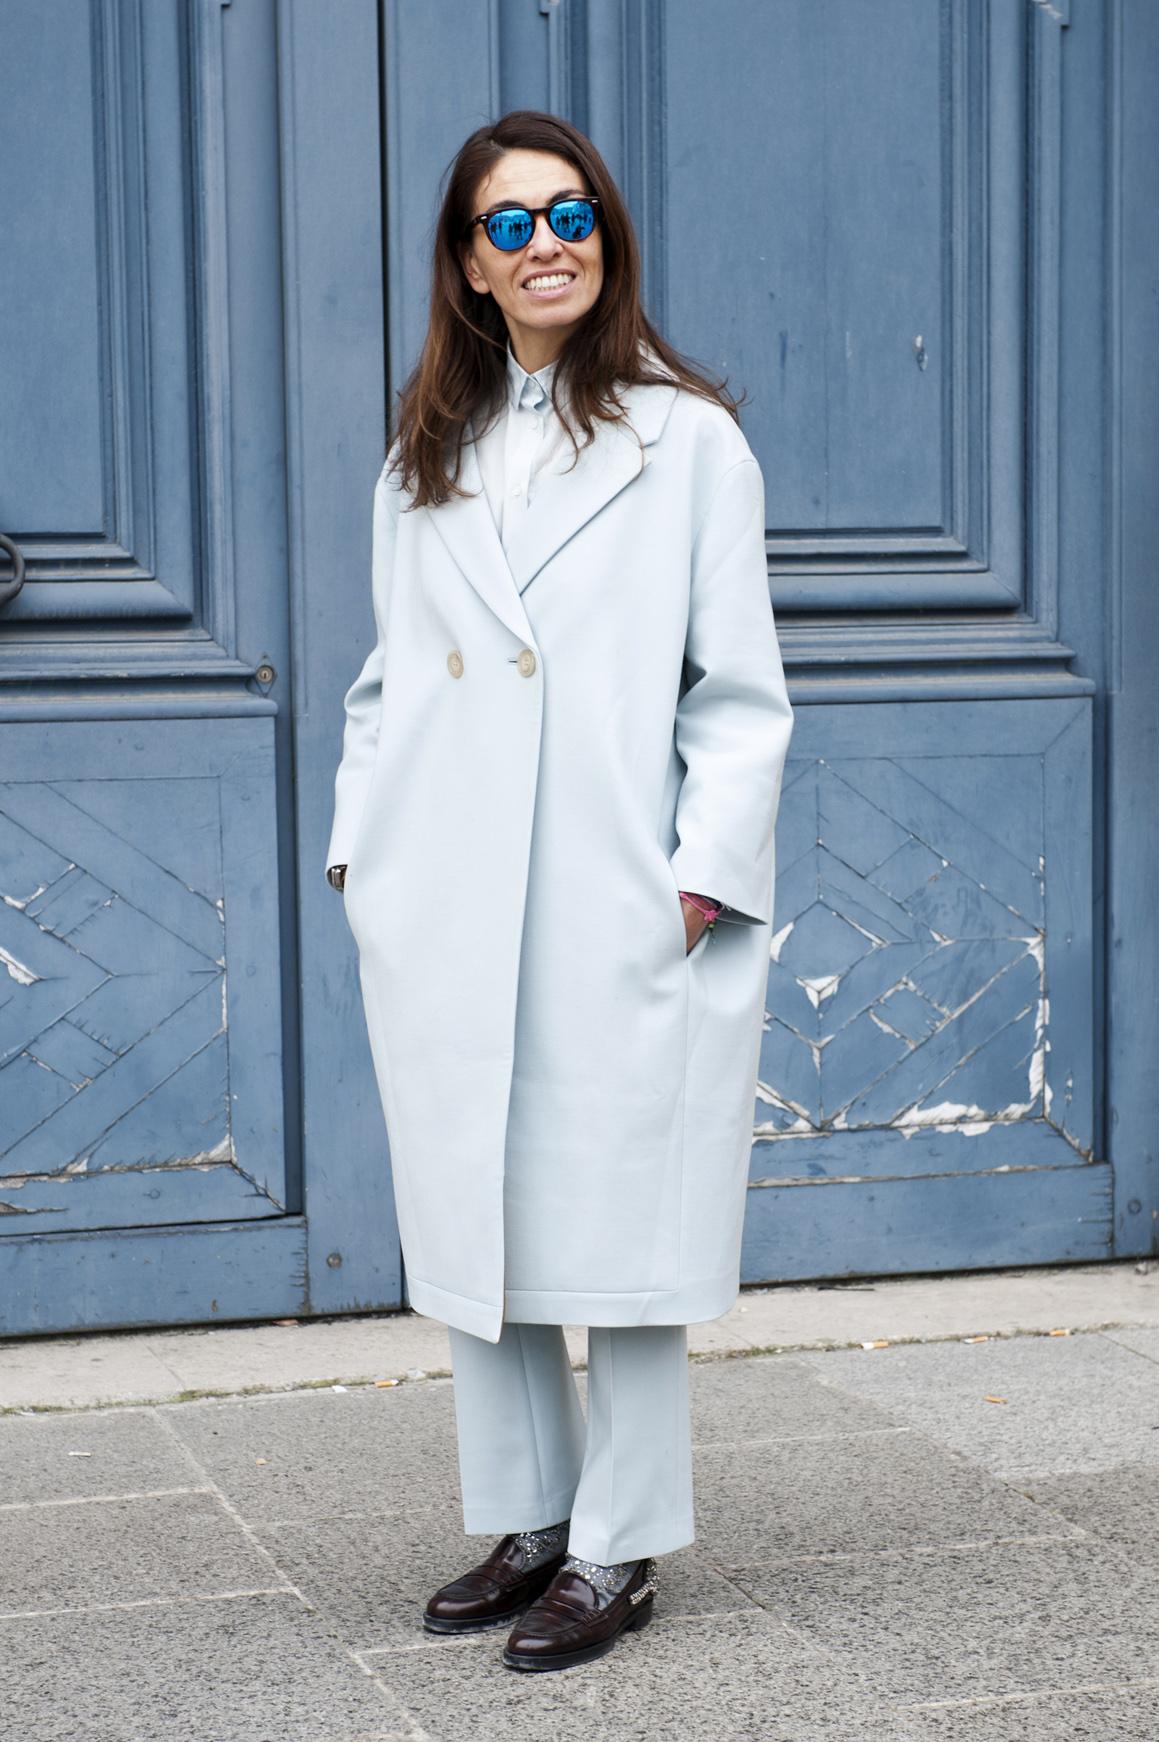 Пальто-оверсайз на пике популярности.